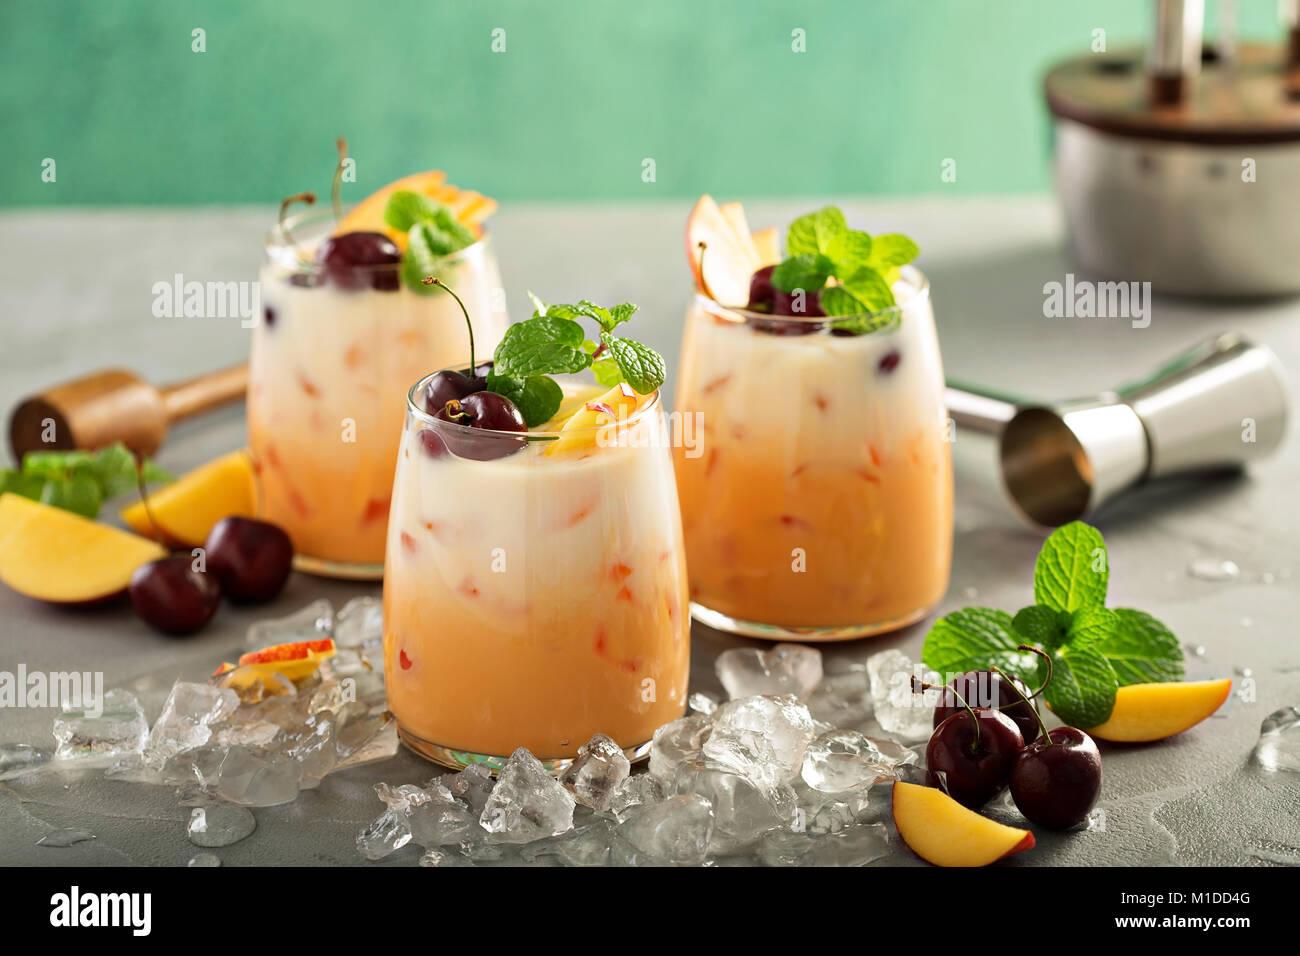 Cerise d'été et pêche cocktail de lait de coco Photo Stock